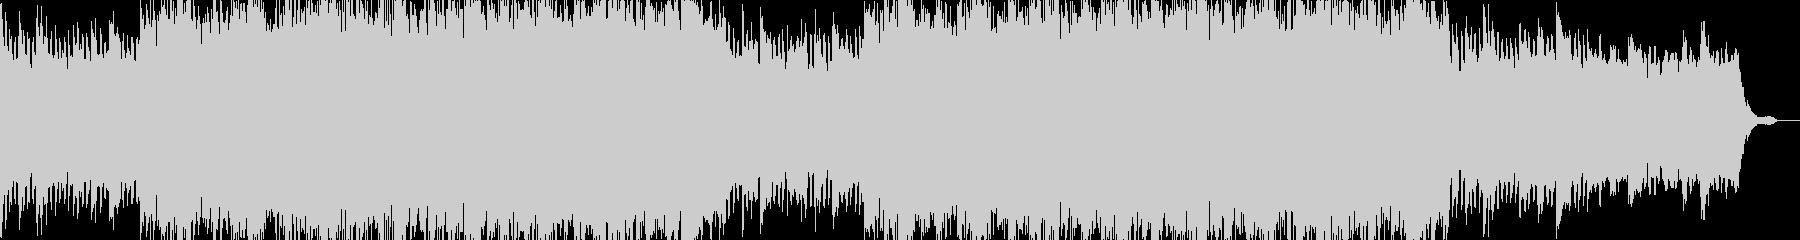 企業VP9 24bit44kHzVerの未再生の波形